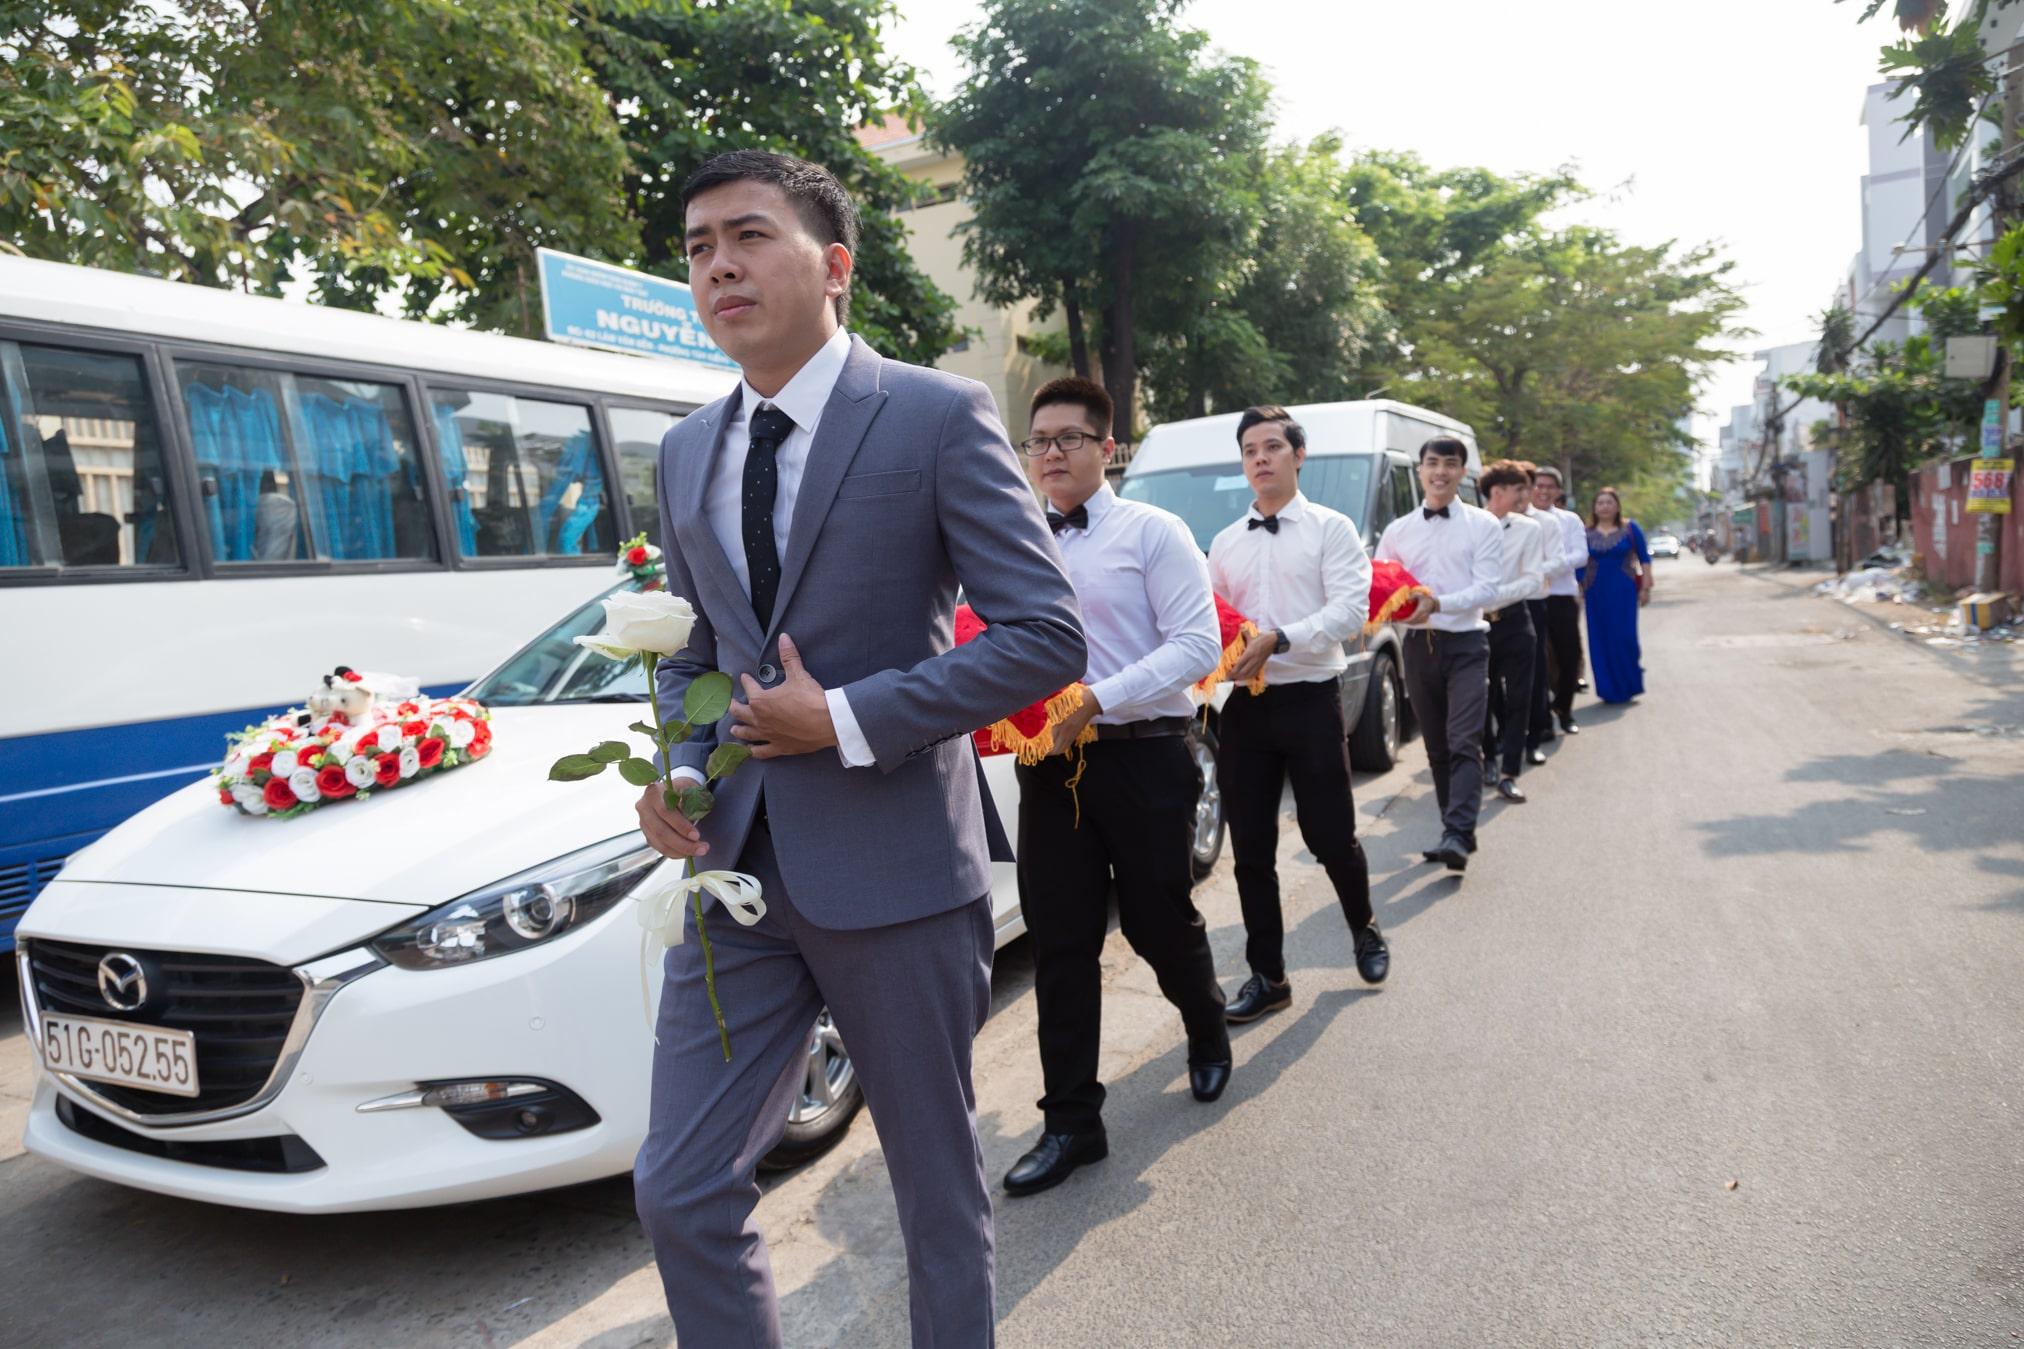 Dịch vụ chụp hình phóng sự cưới Hoàng Mến Media